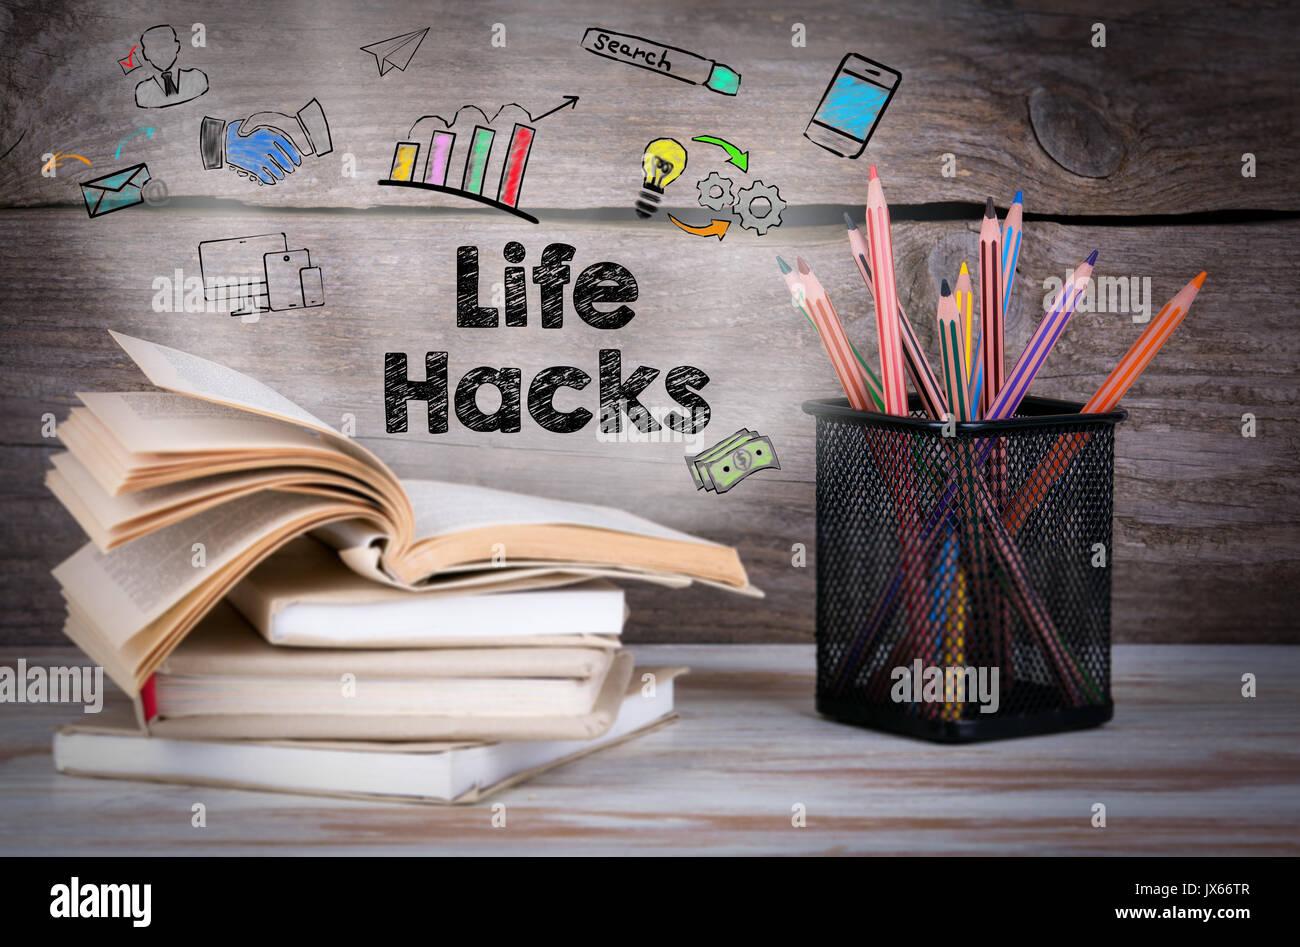 La vita Hack. Pila di libri e matite sul tavolo di legno. Immagini Stock